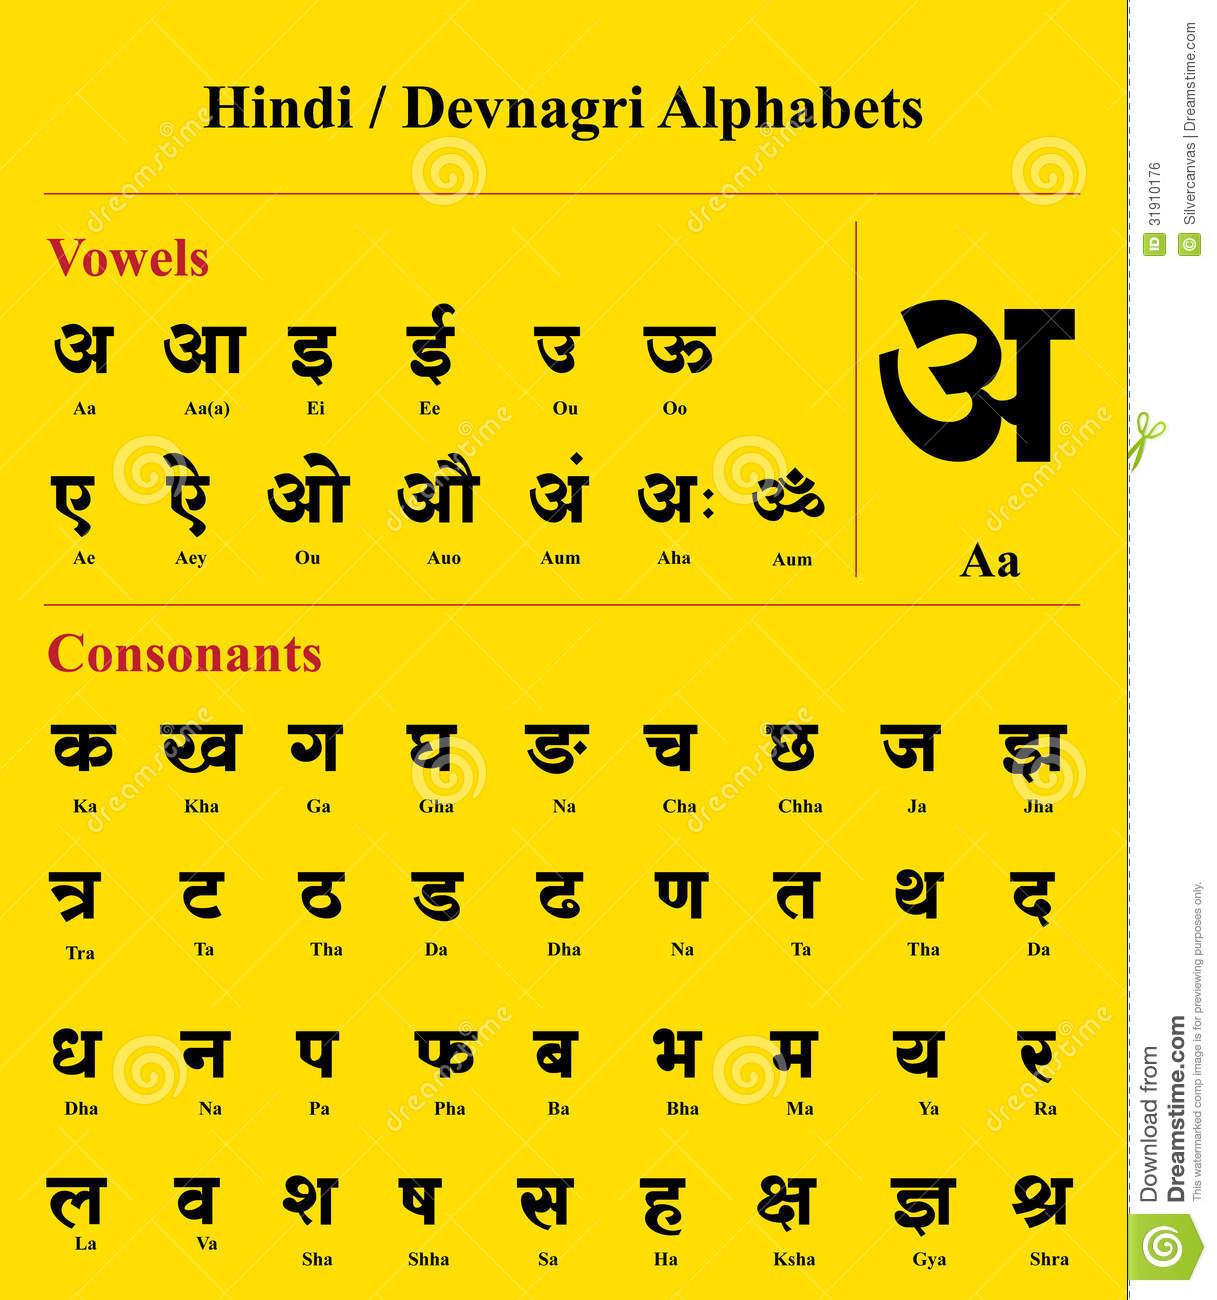 北印度语的简介